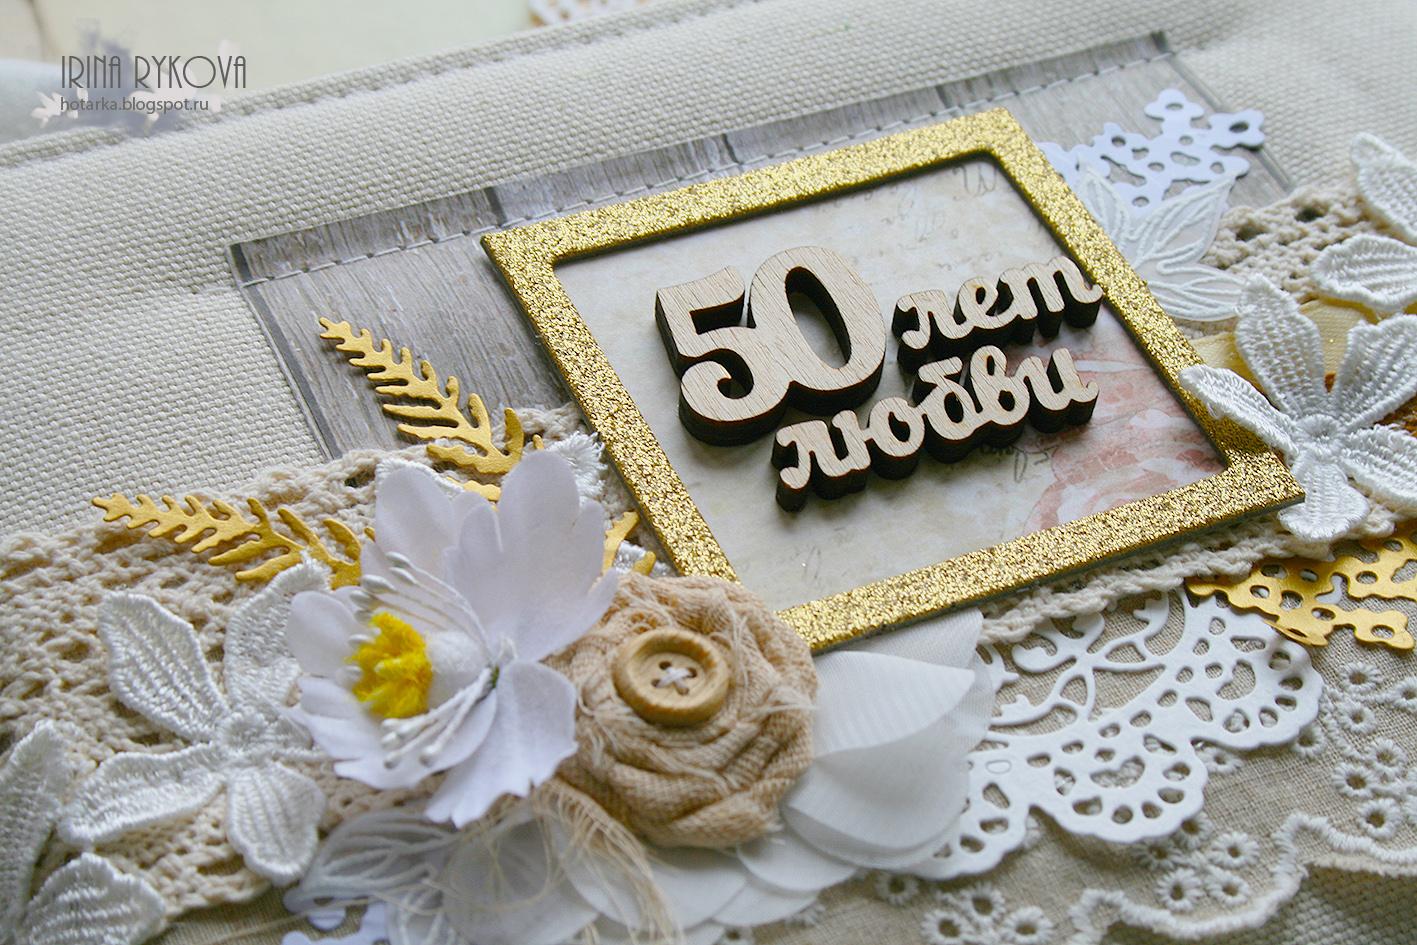 Юбилей свадьбы 50 лет картинки